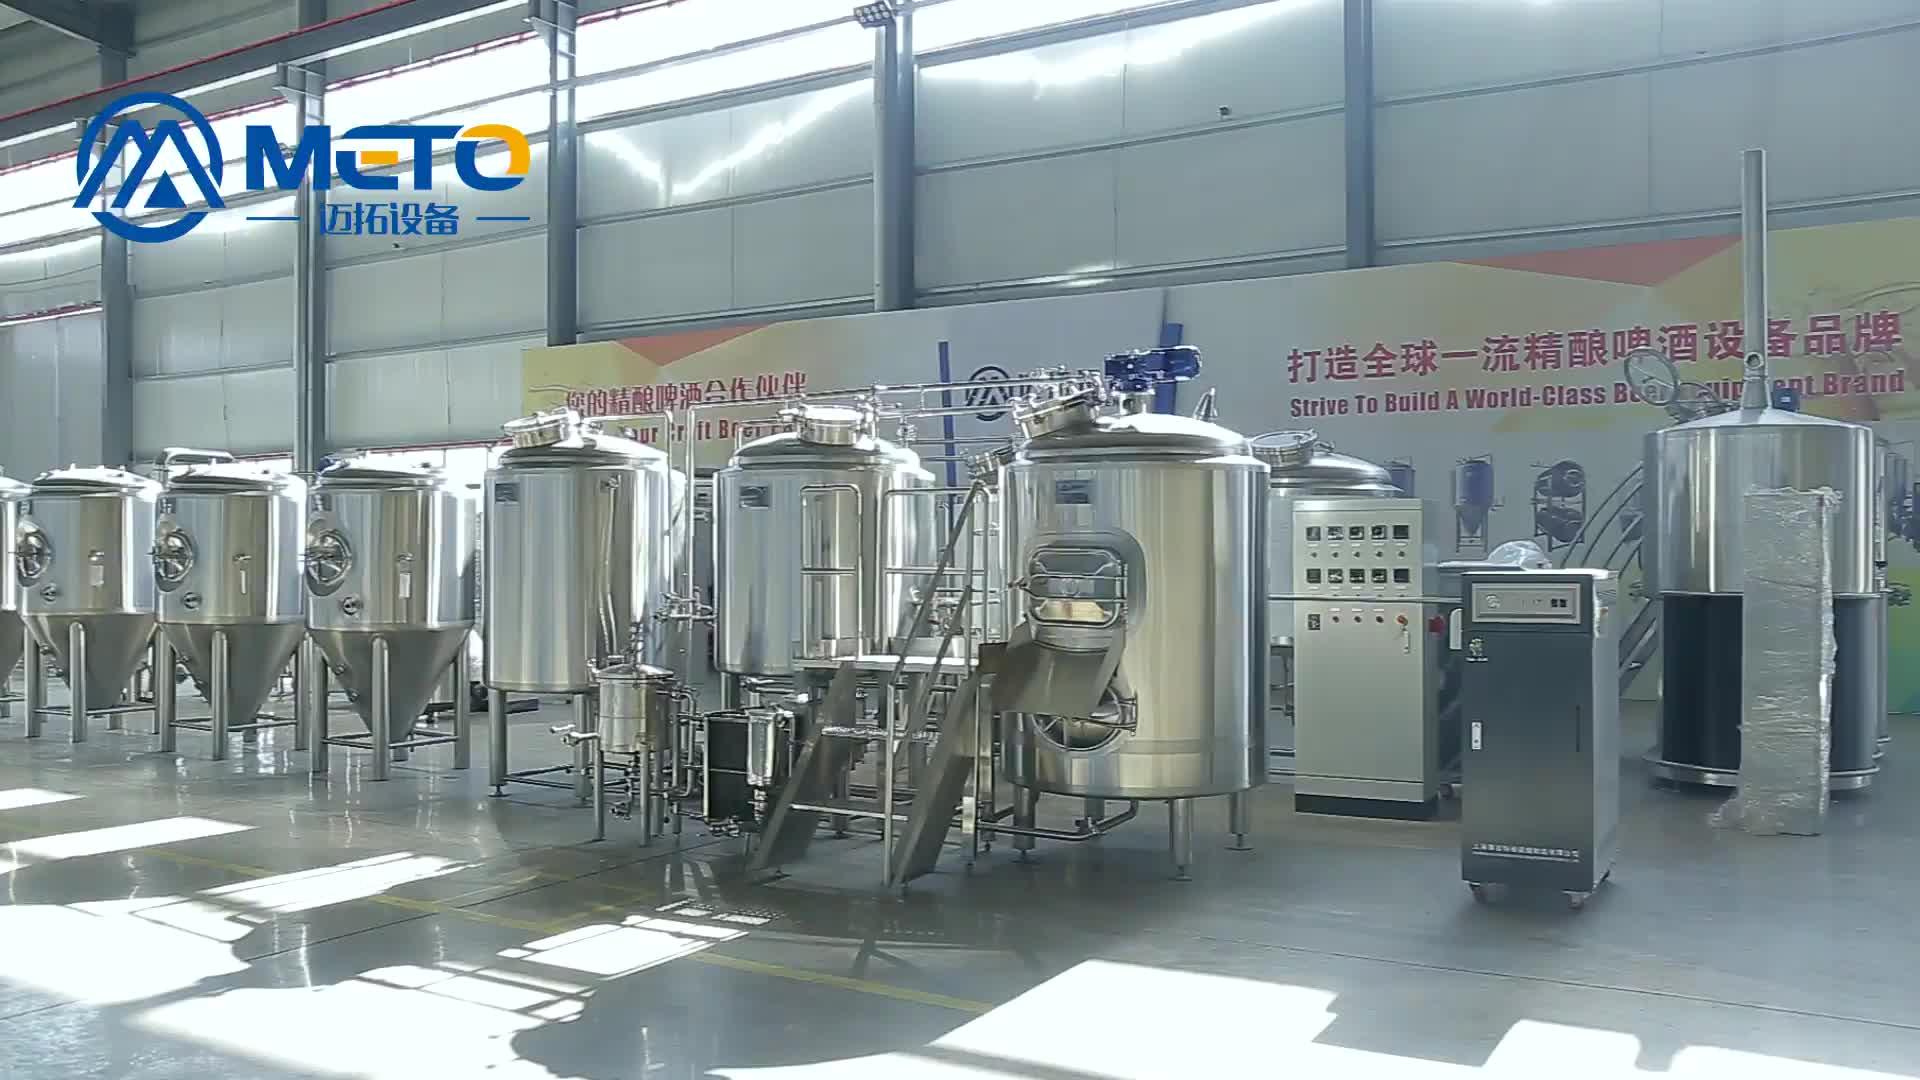 माइक्रो शराब की भठ्ठी प्रणाली शिल्प बीयर उपकरण 500l 3 पोत brewhouse 500 लीटर शराब की भठ्ठी